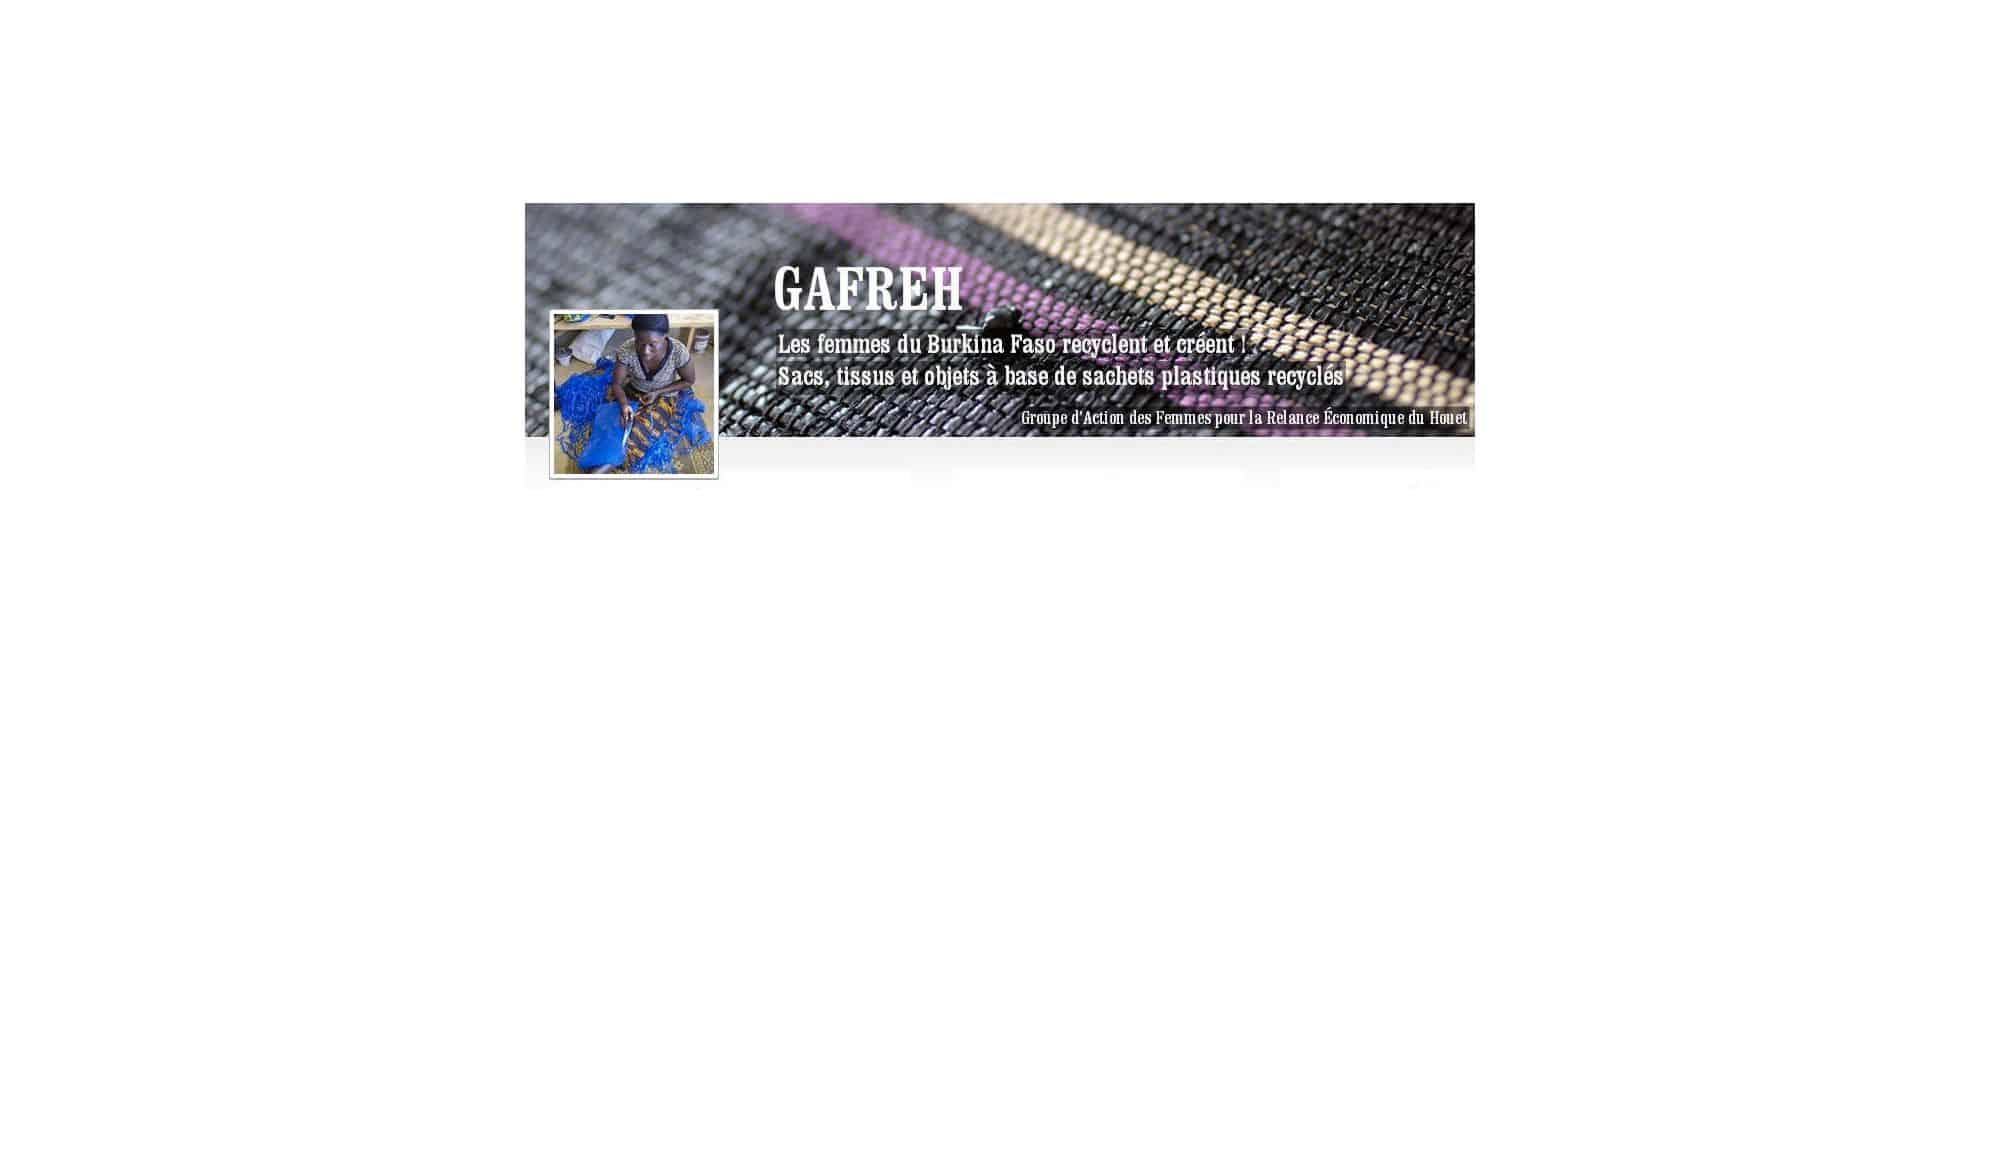 GAFREH